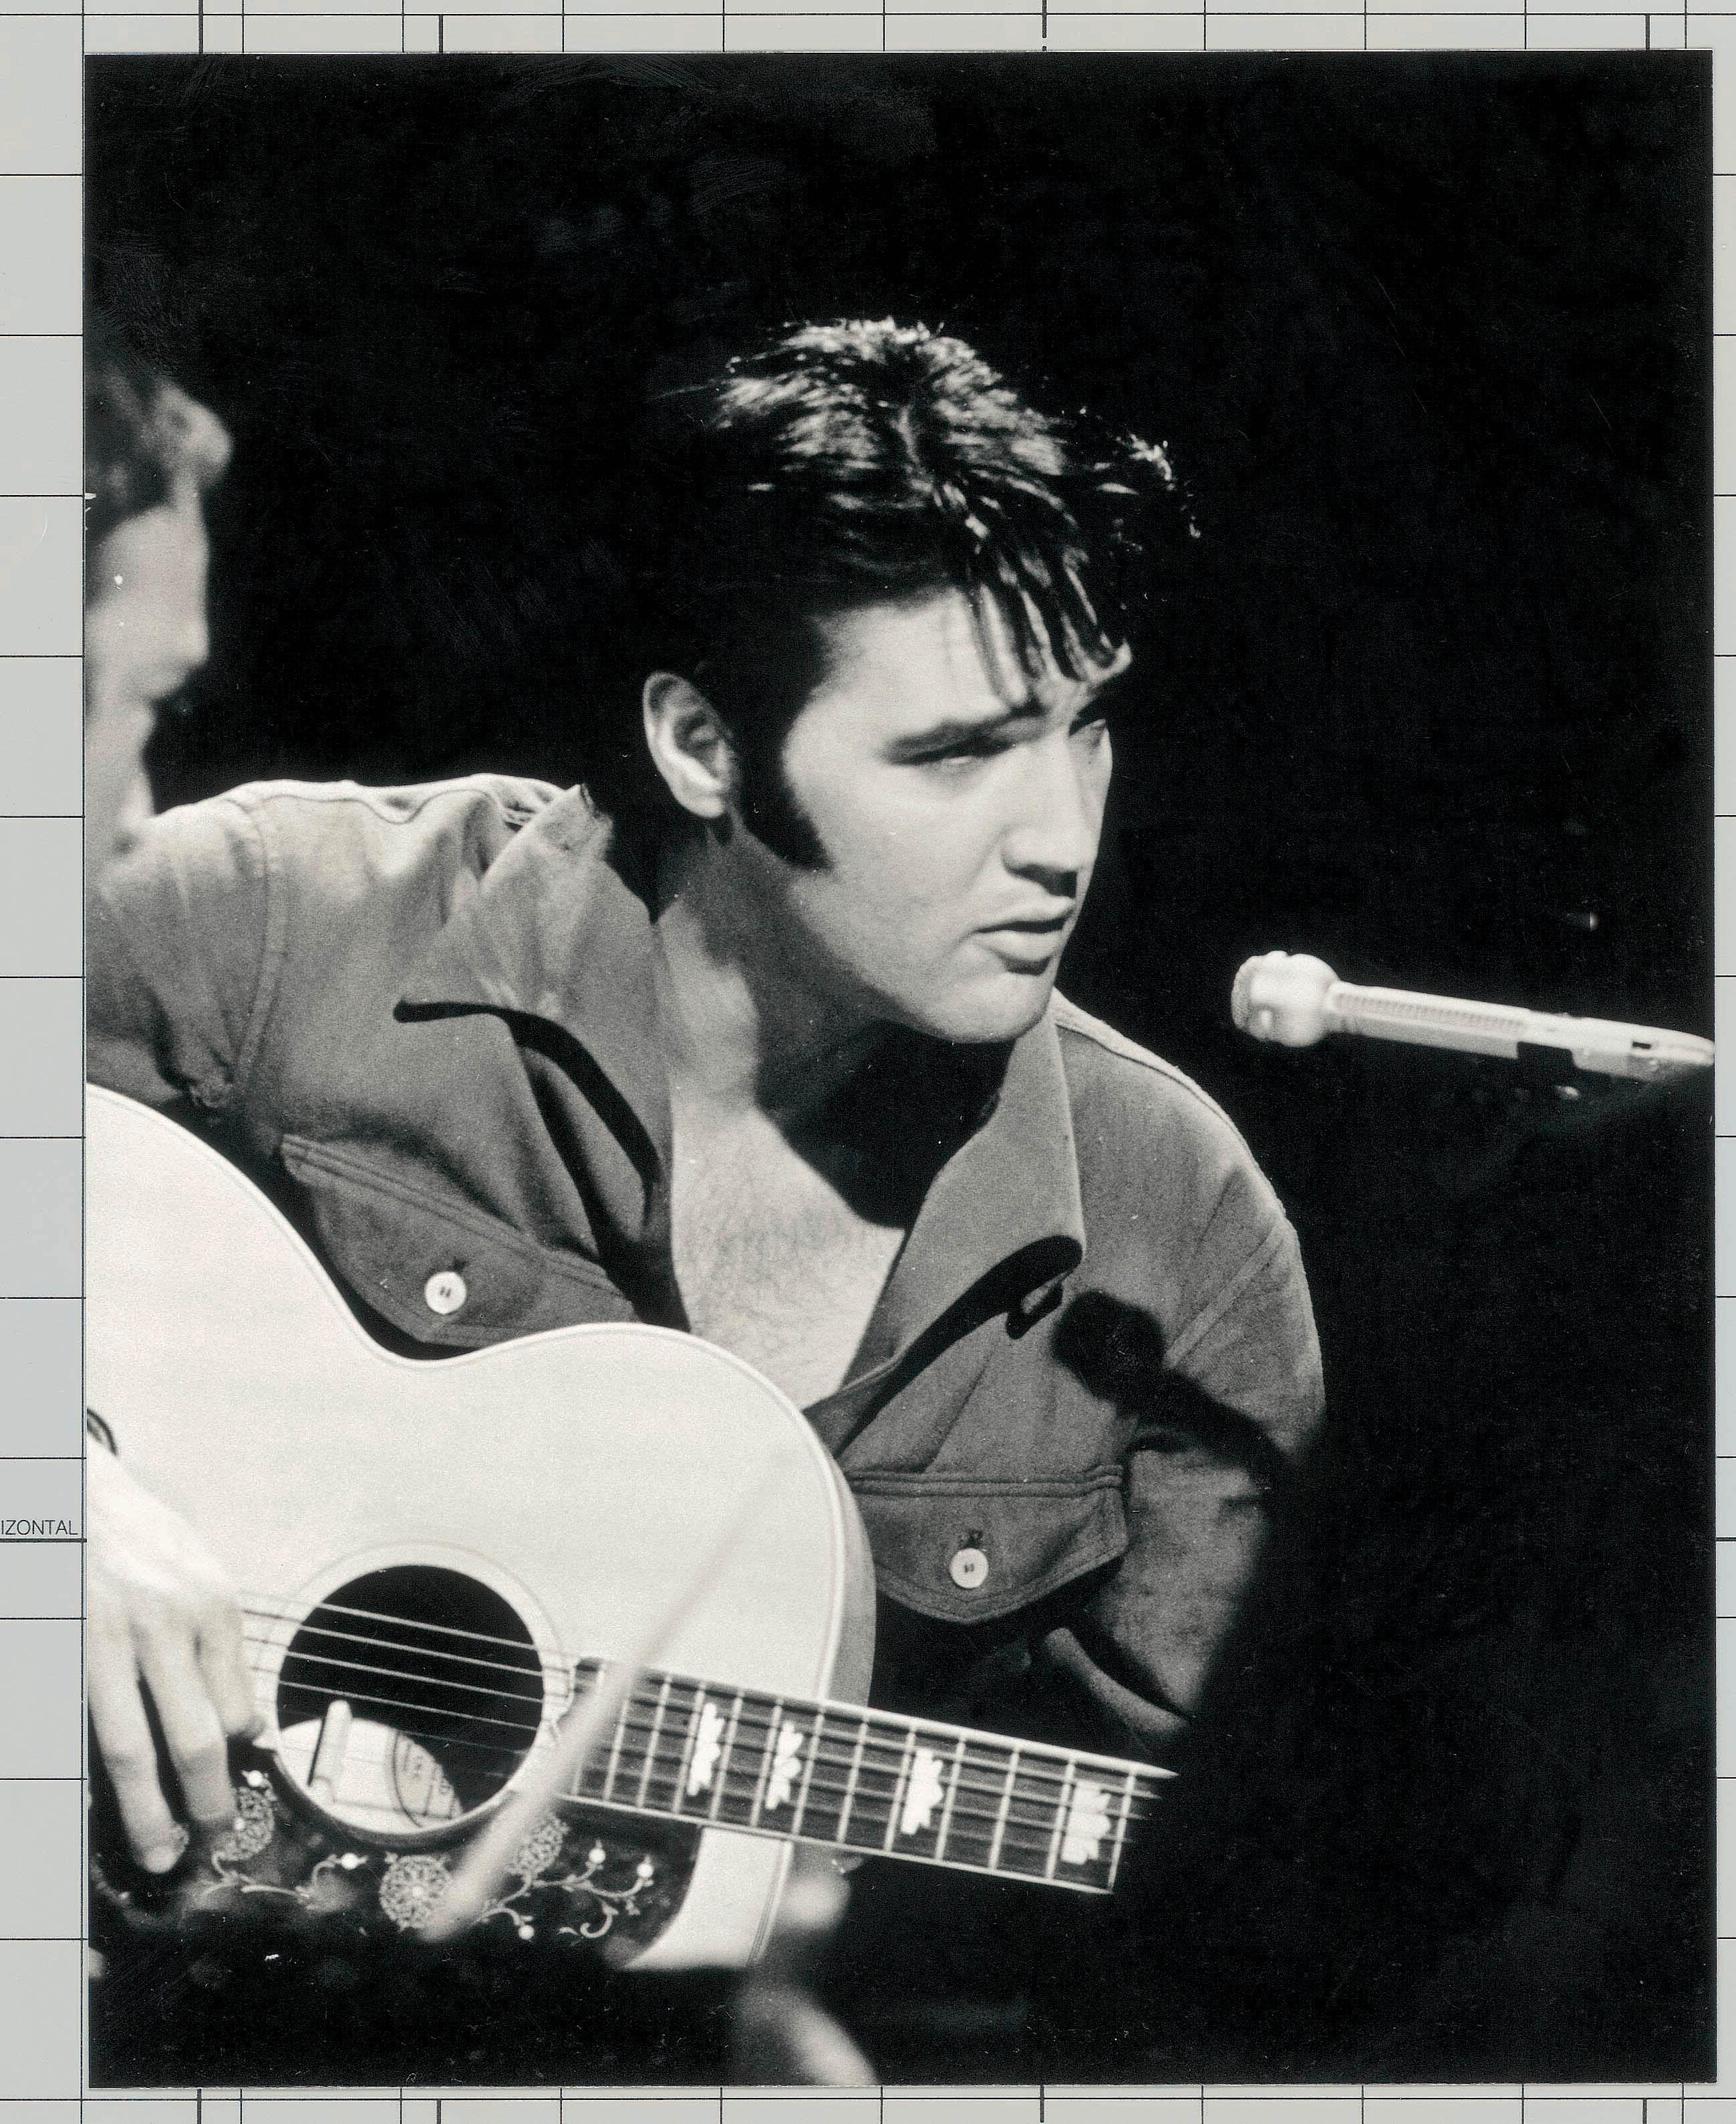 Großer Auftritt: das '68 Comeback Special, Juni 1968